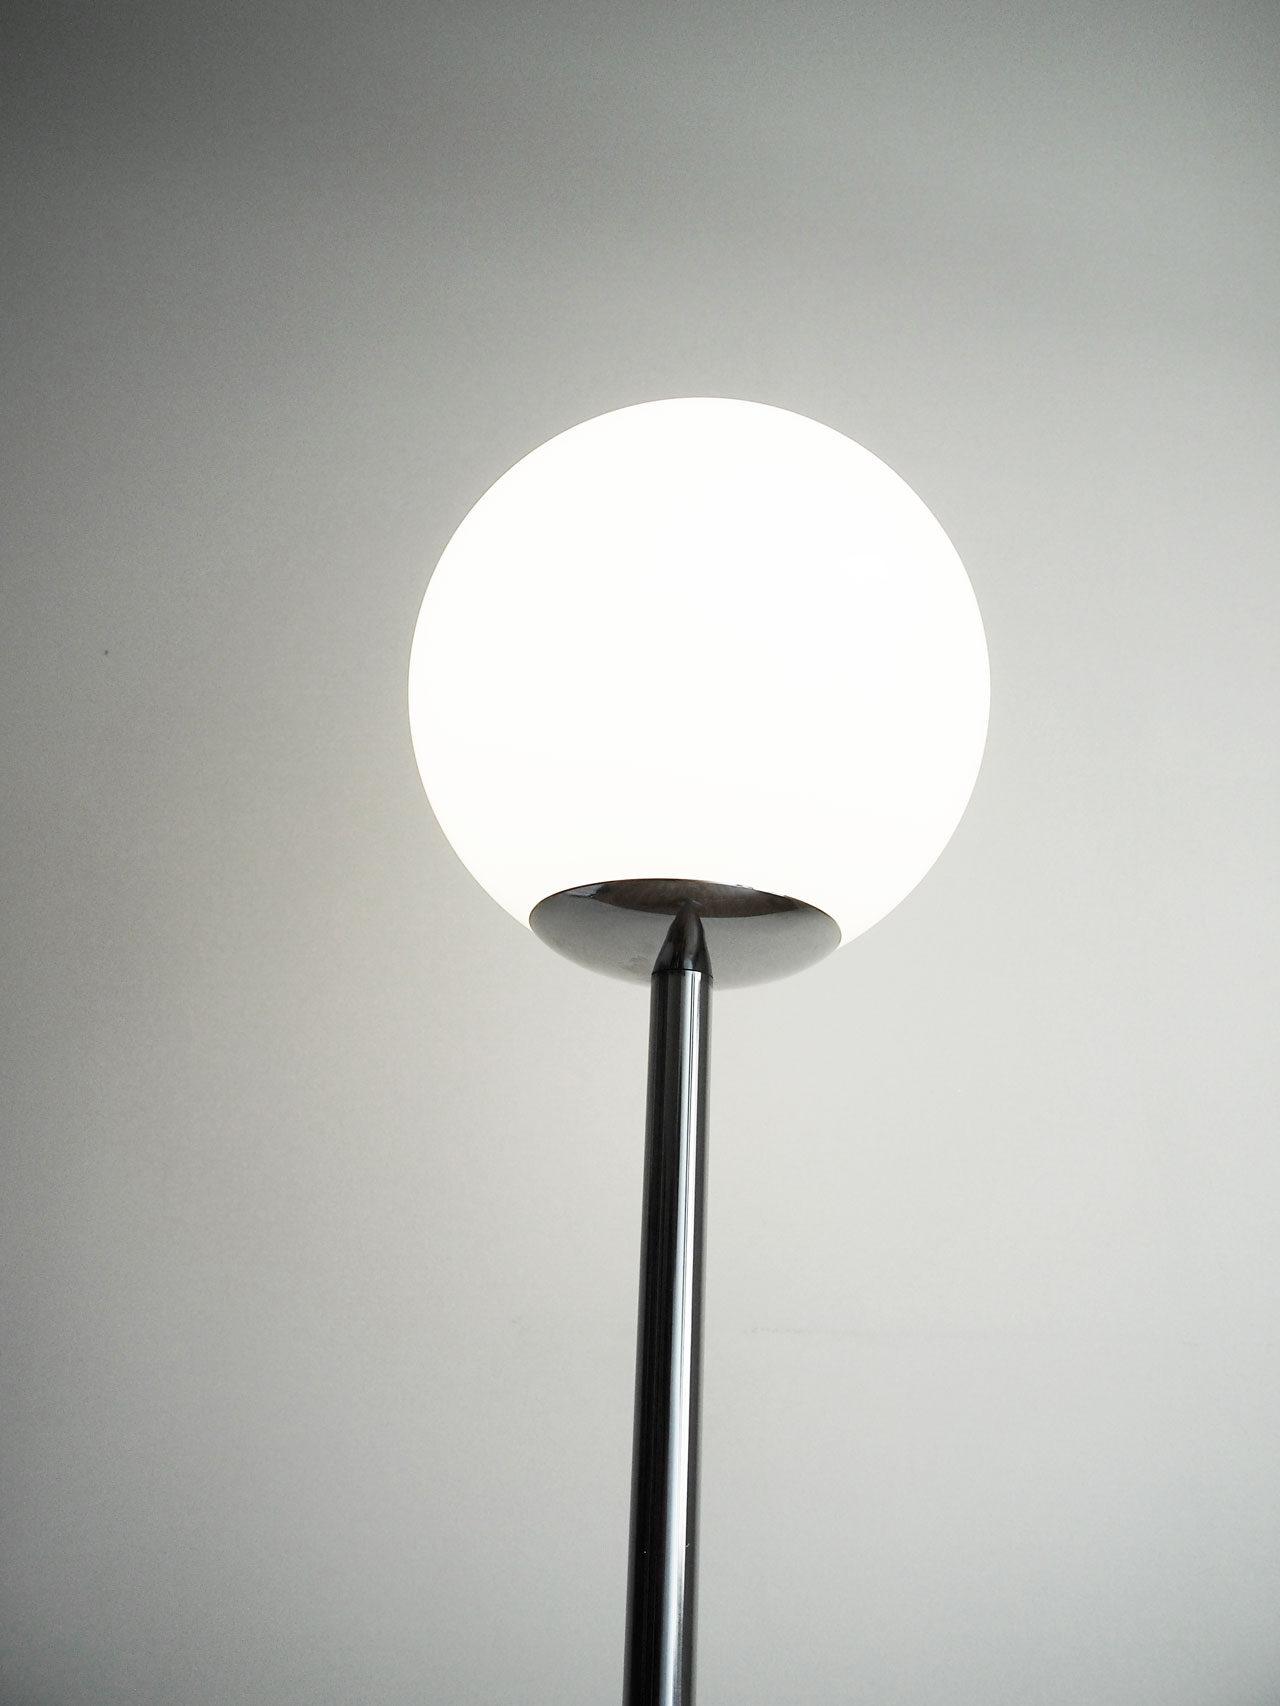 DIY floor lamp designed by Aandersson